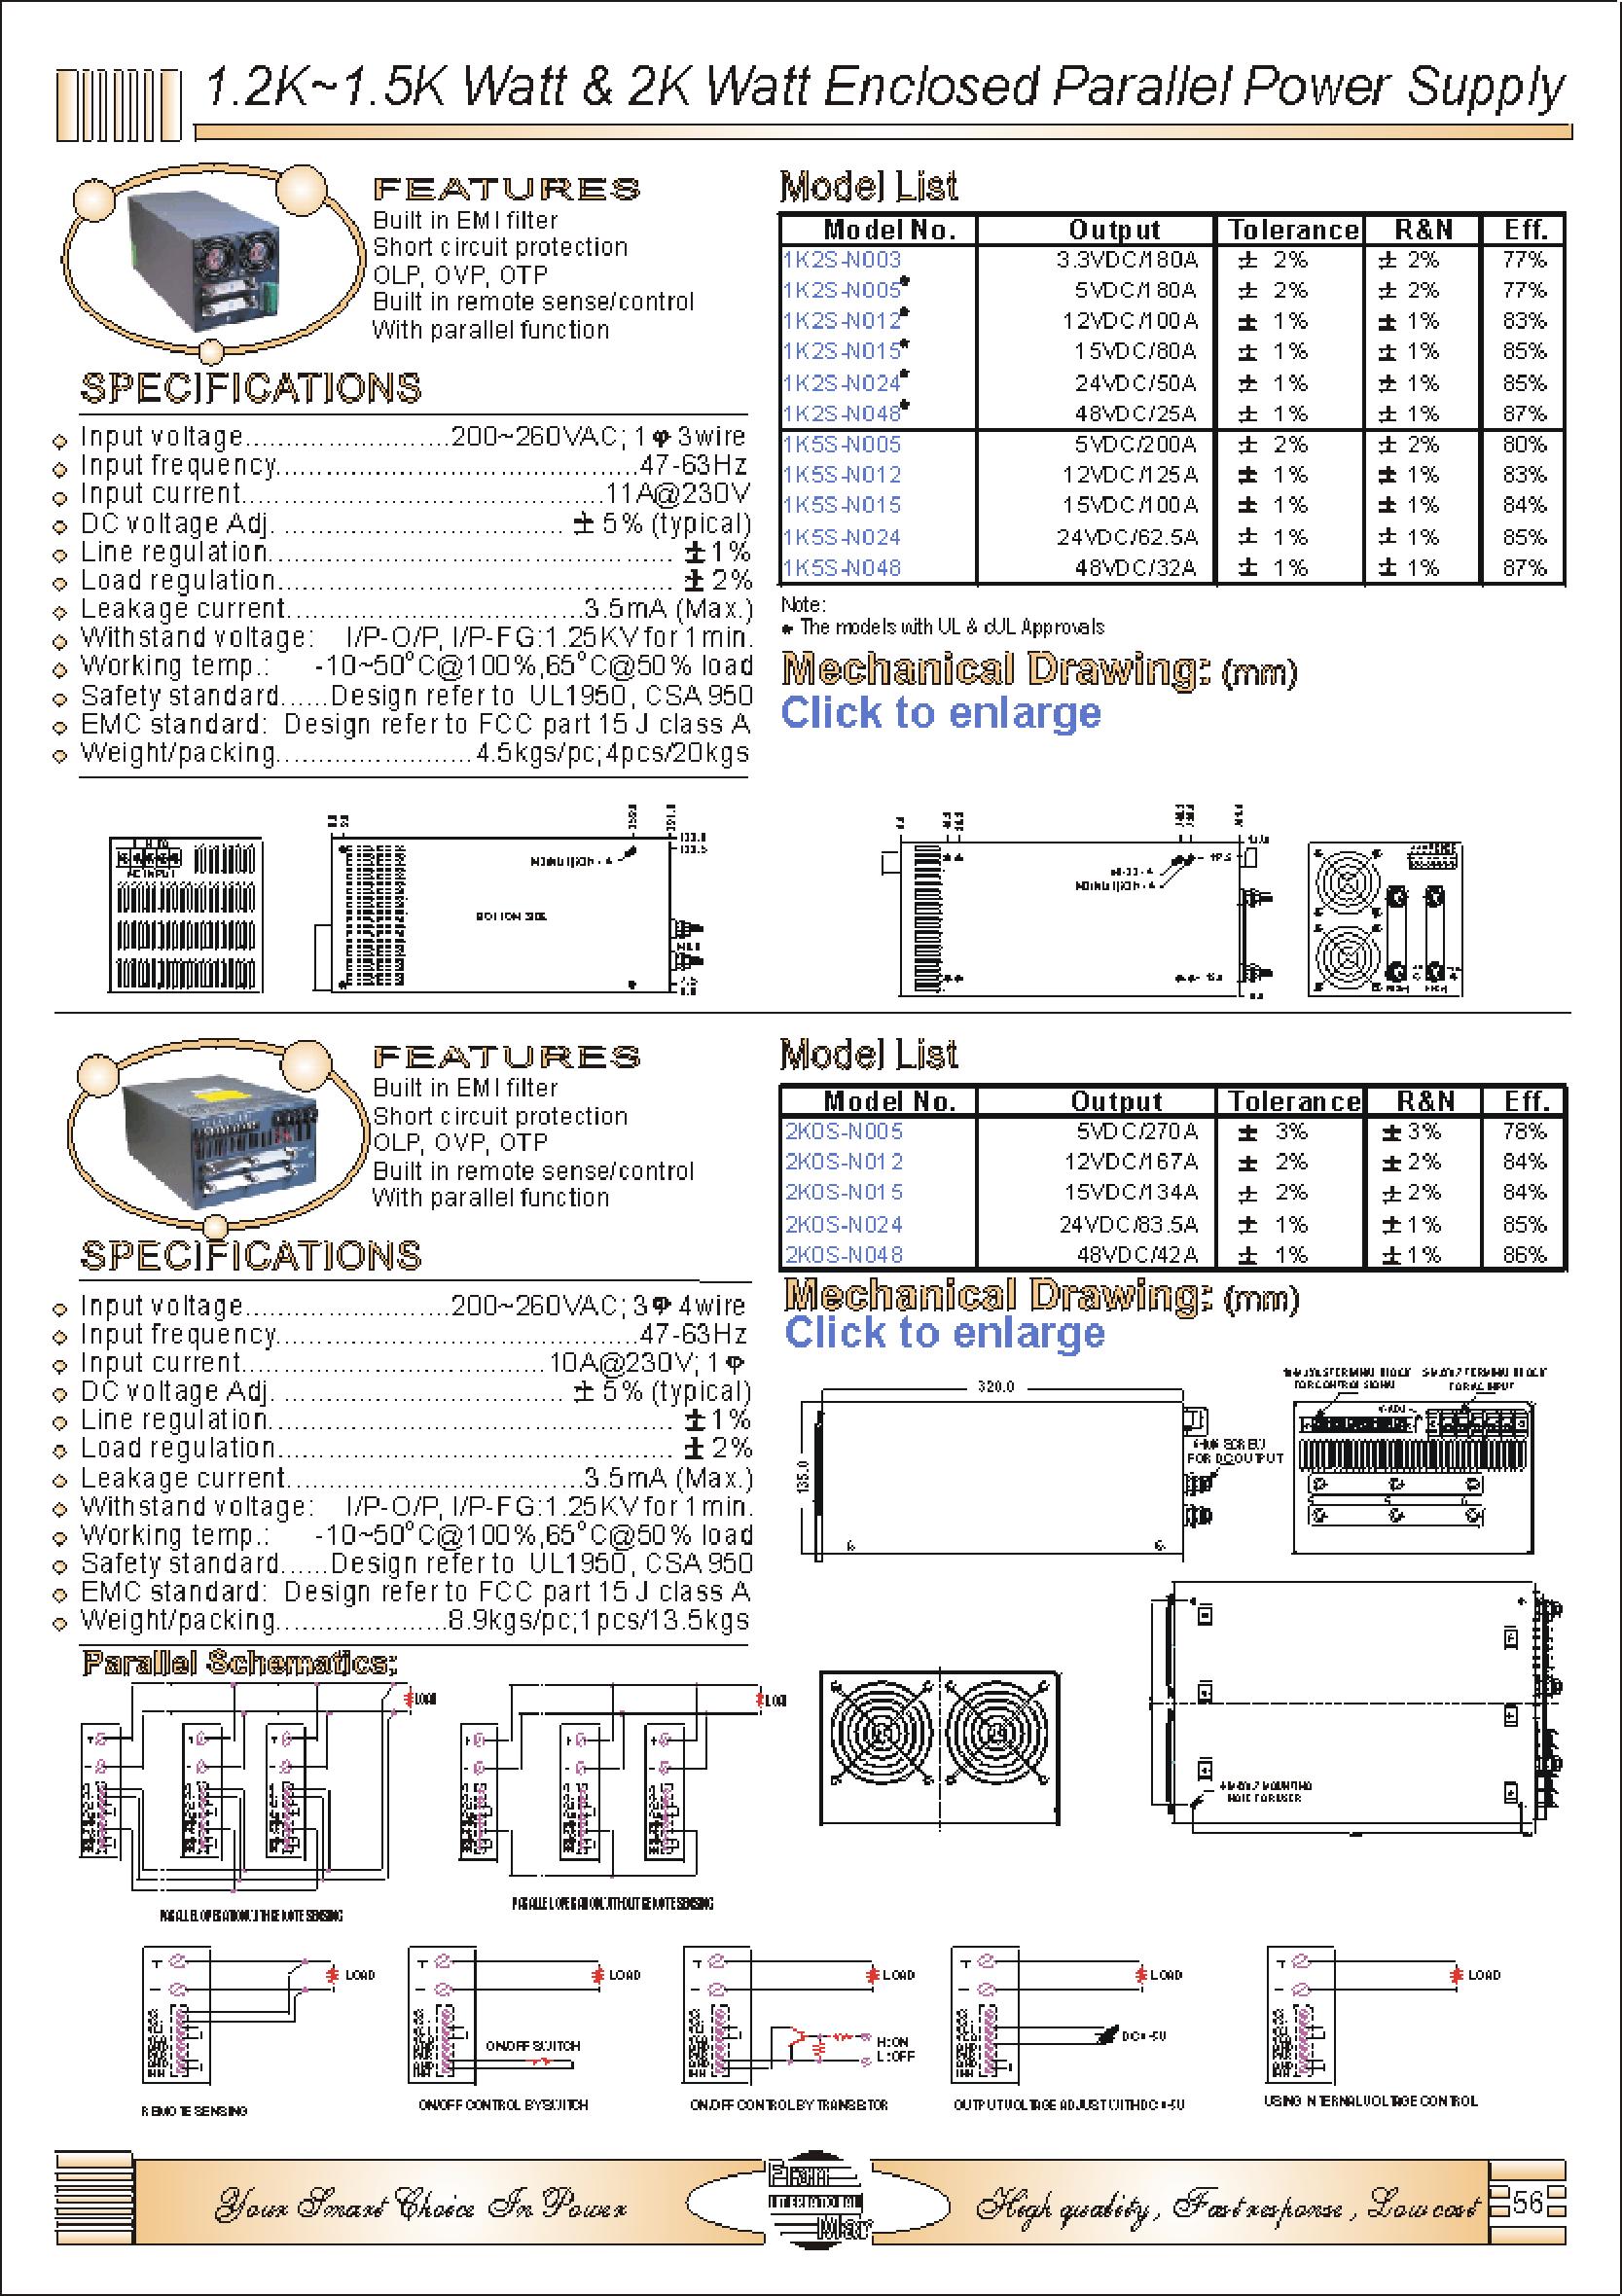 1K5S-N015 دیتاشیت PDF